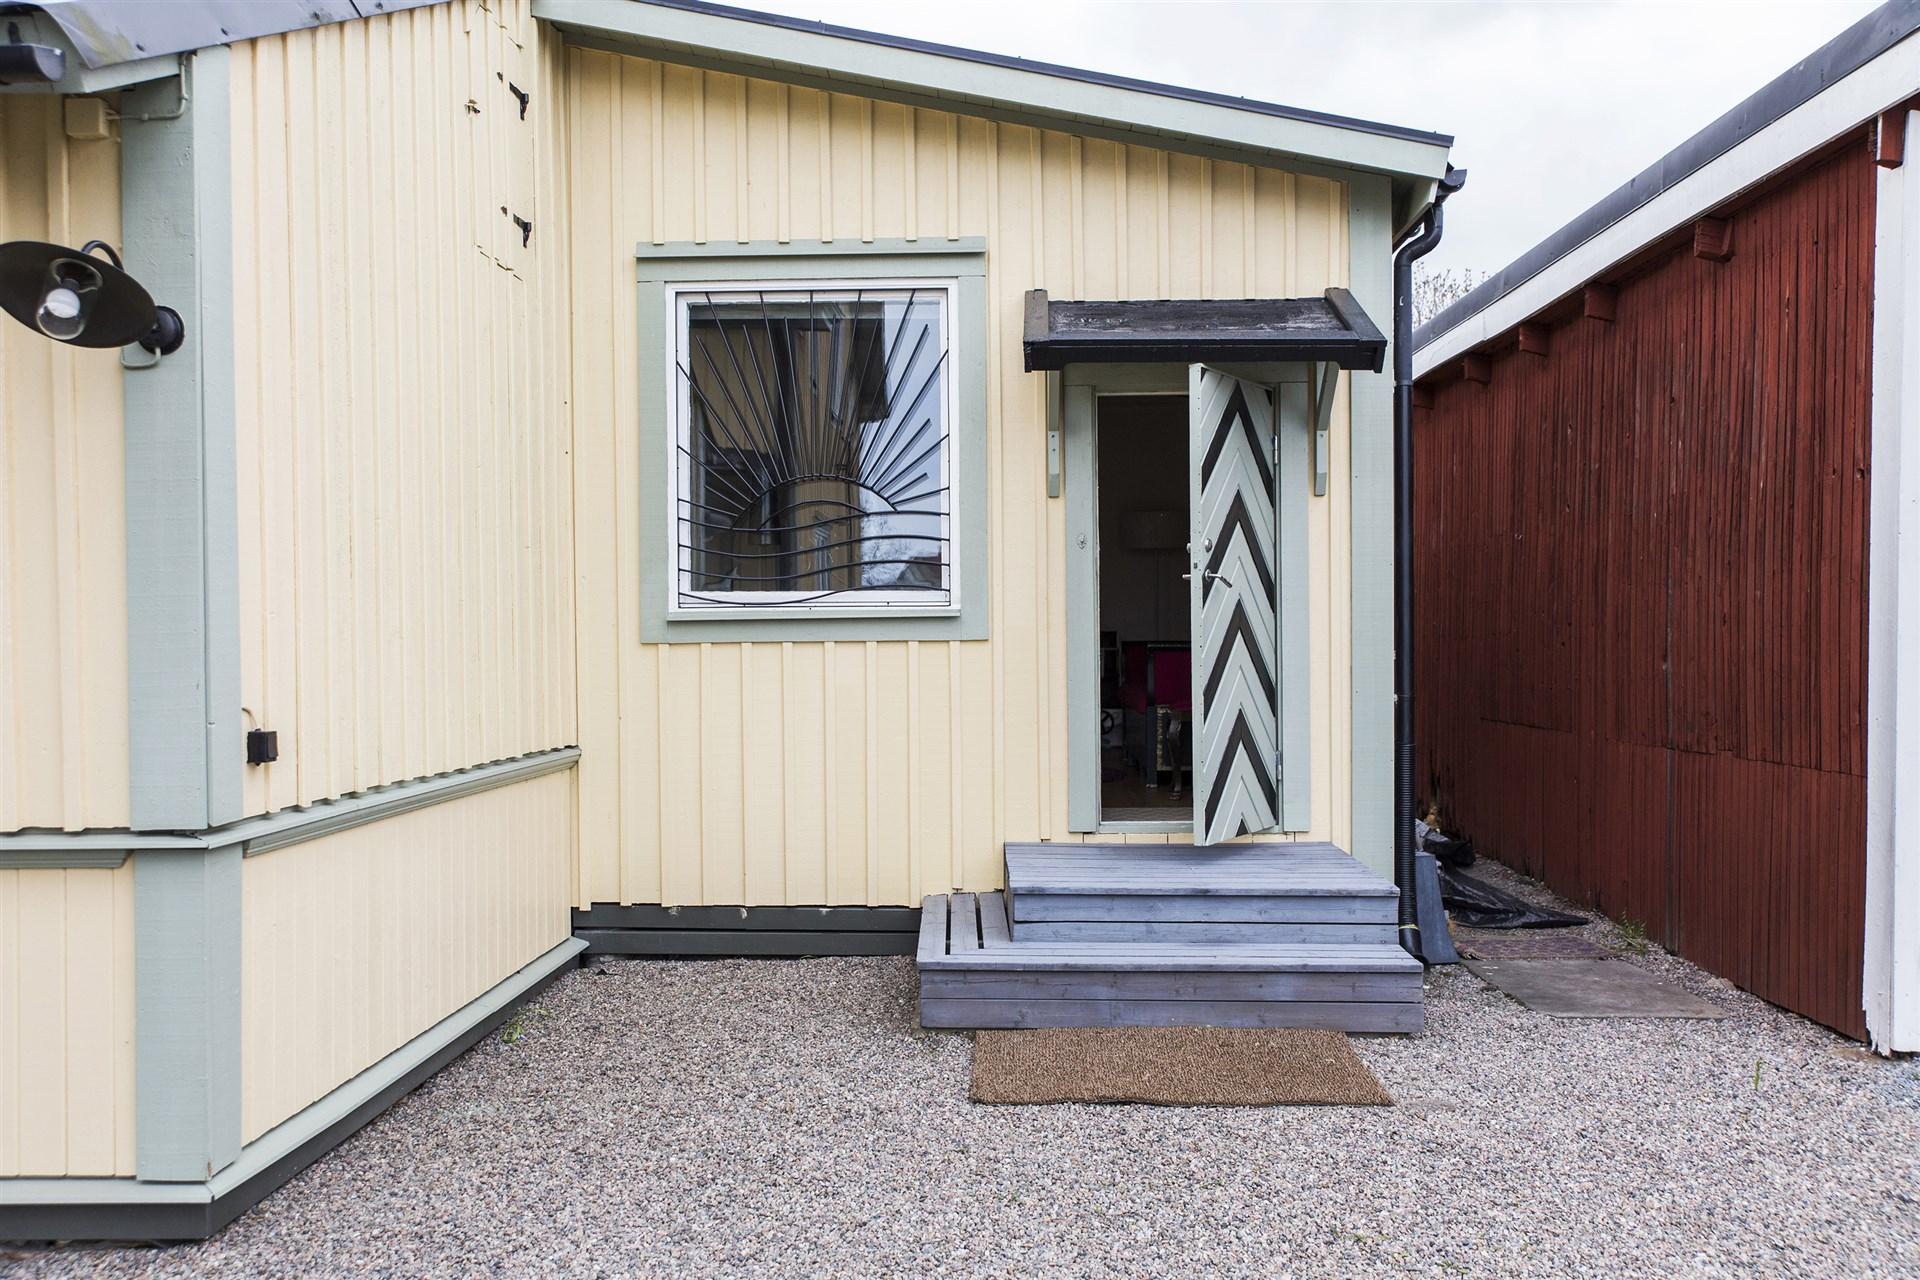 Gårdshuset har en inredd del som man kan nyttja som gästrum eller kontor.